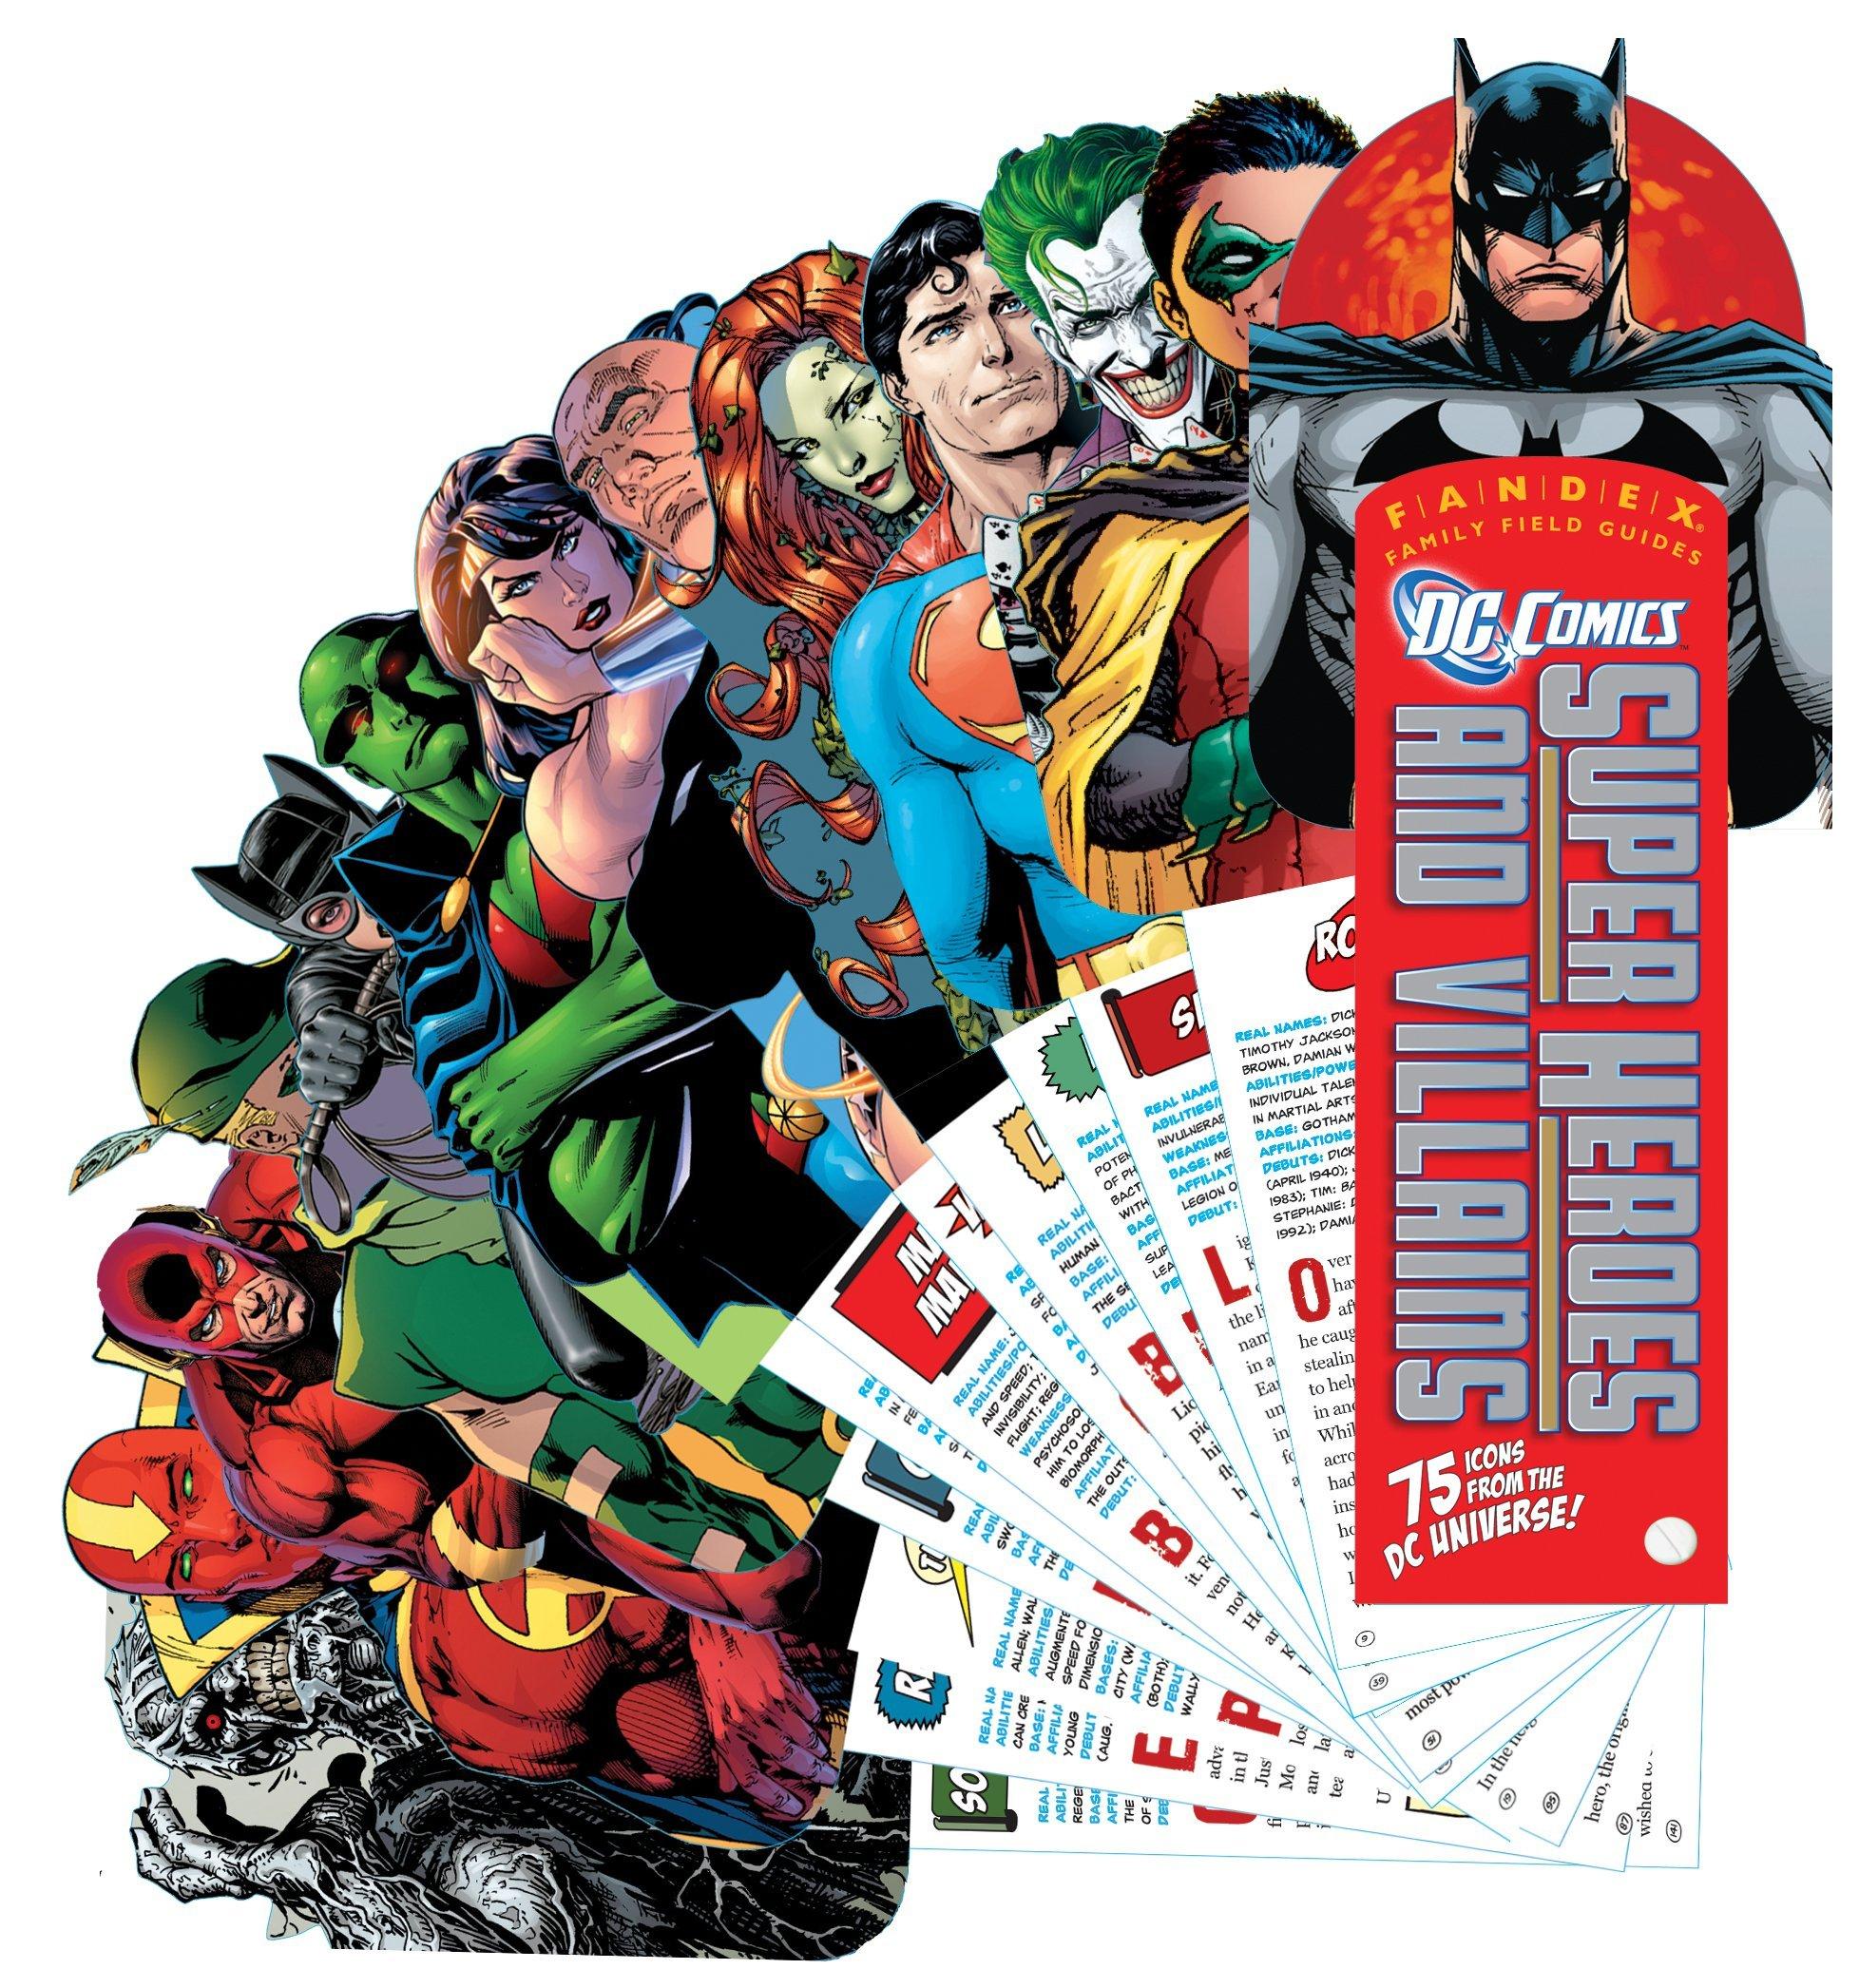 FA NDEX DC Comics Super Heroes and Villains